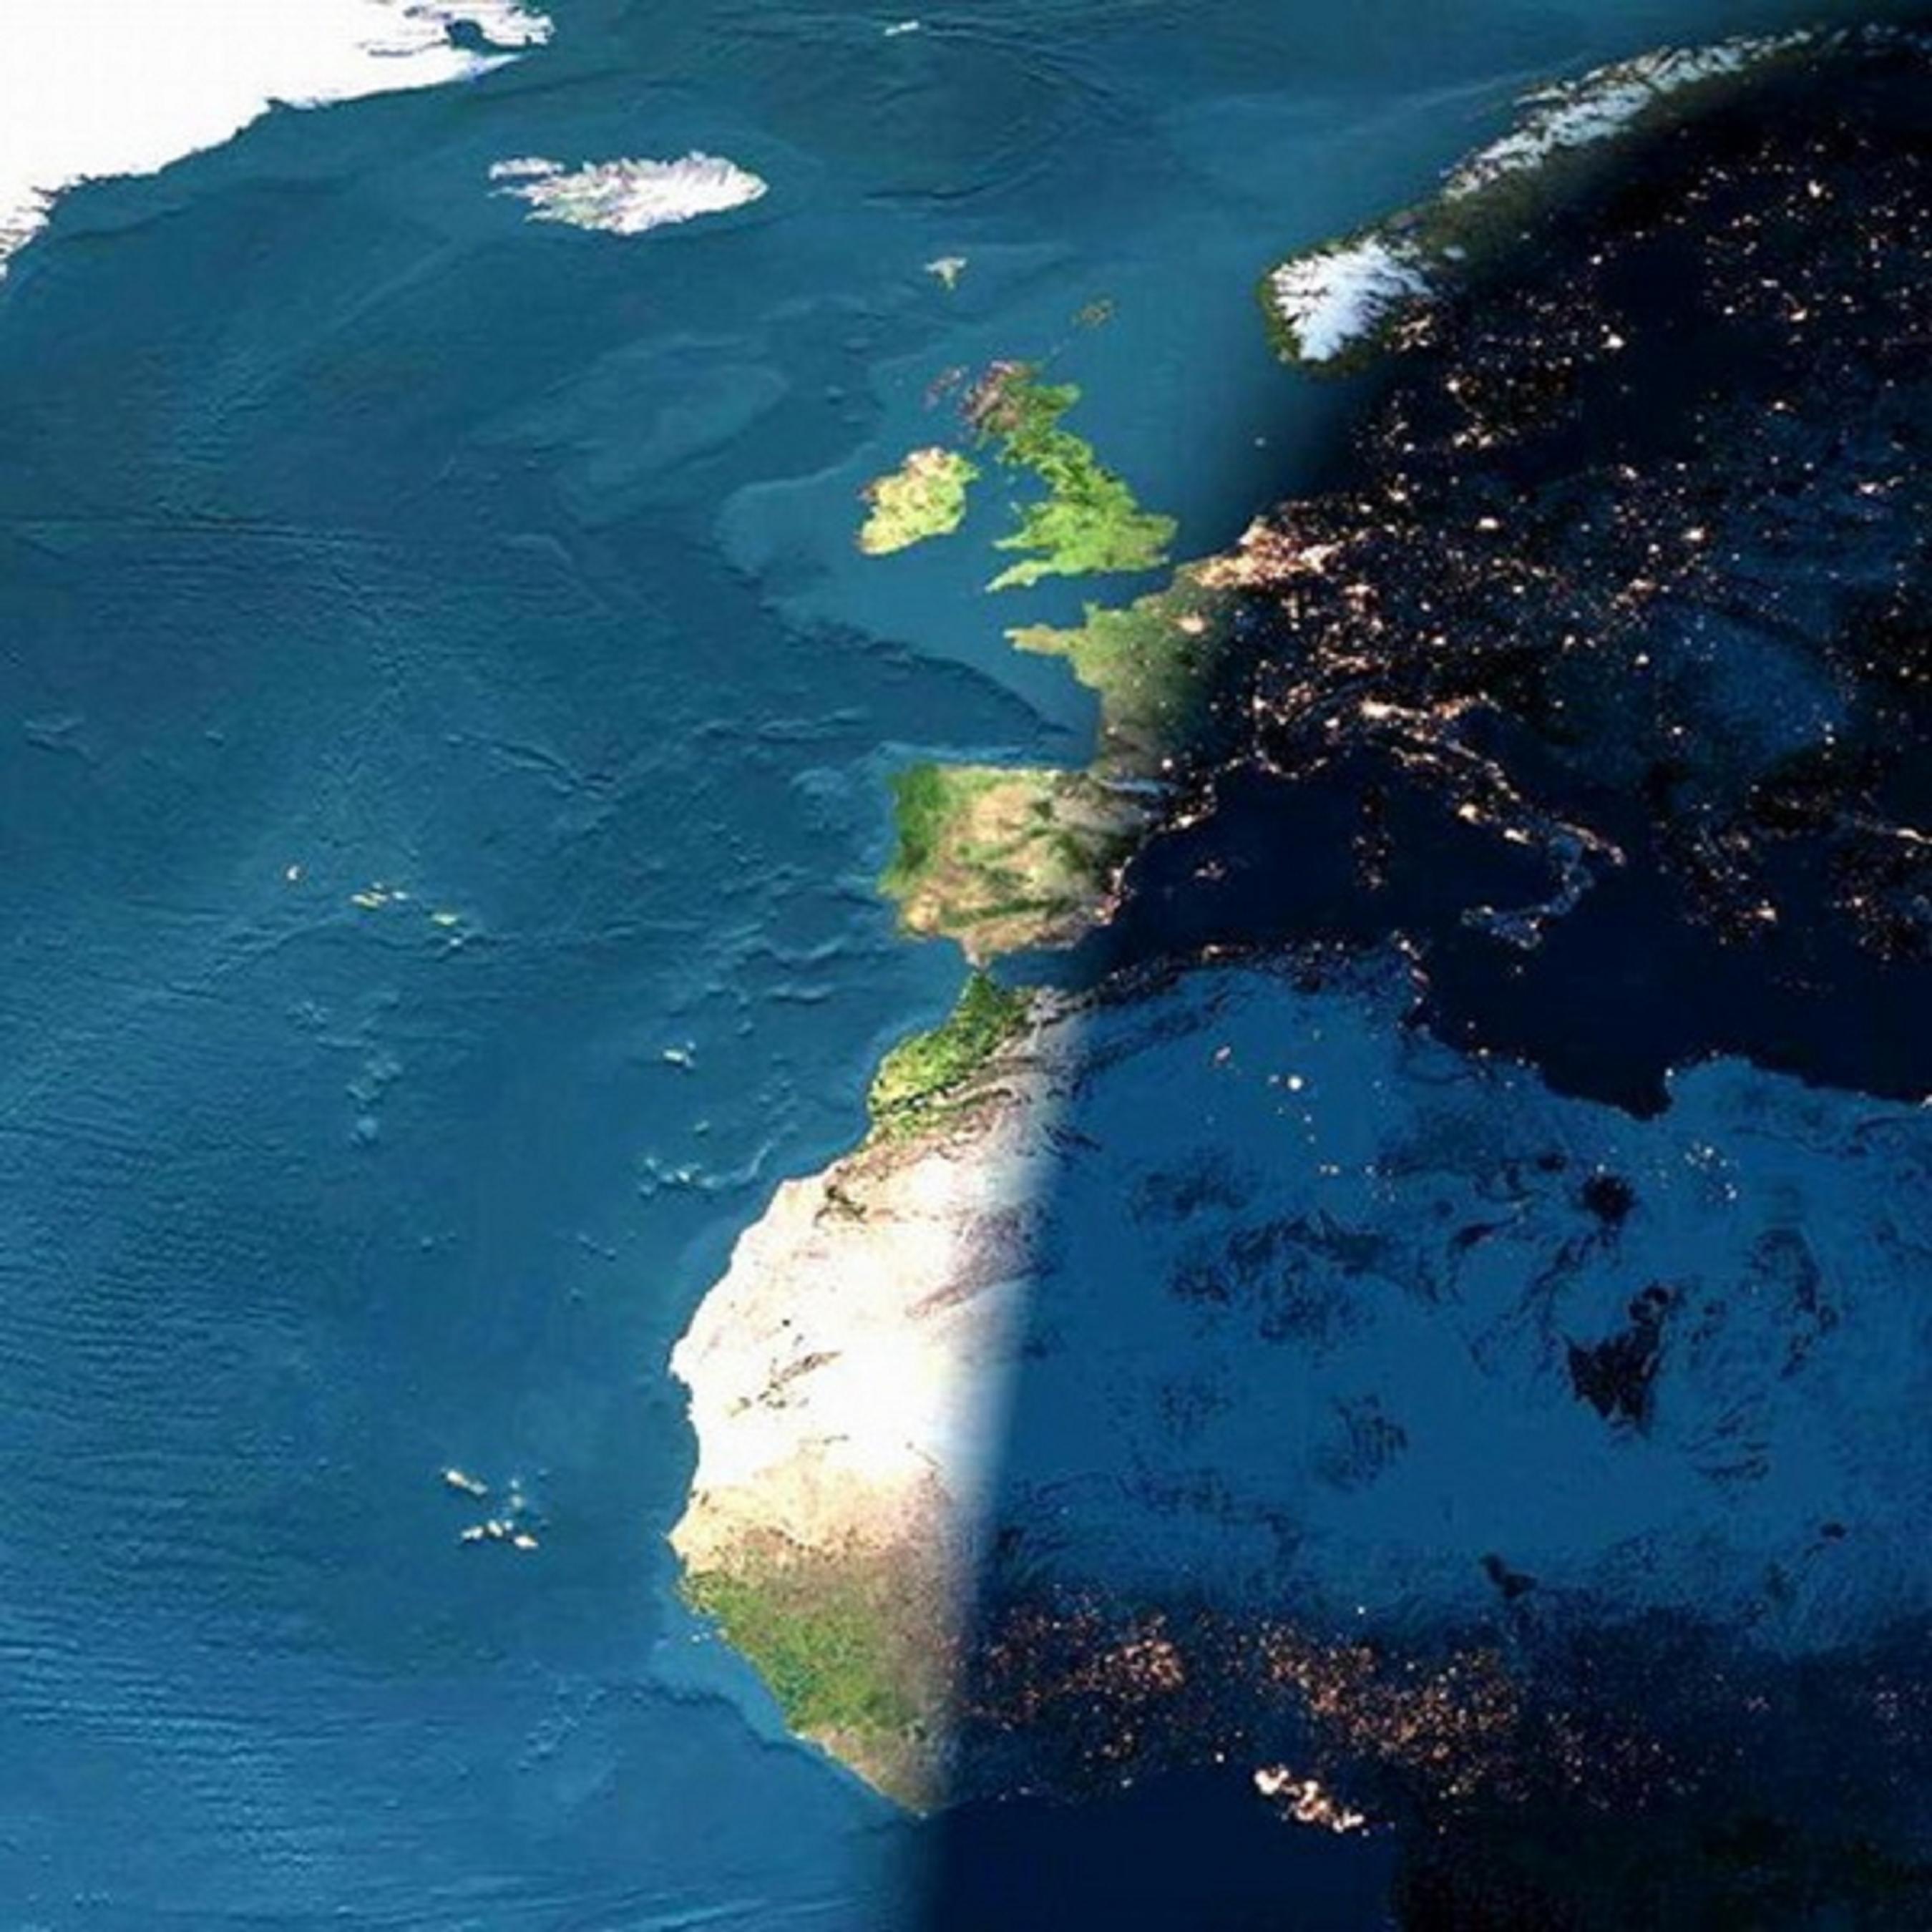 * Sonnenuntergang auf Spitzbergen :: Mein persönliches Drama hält sich im Augenblick zum Glück in Grenzen